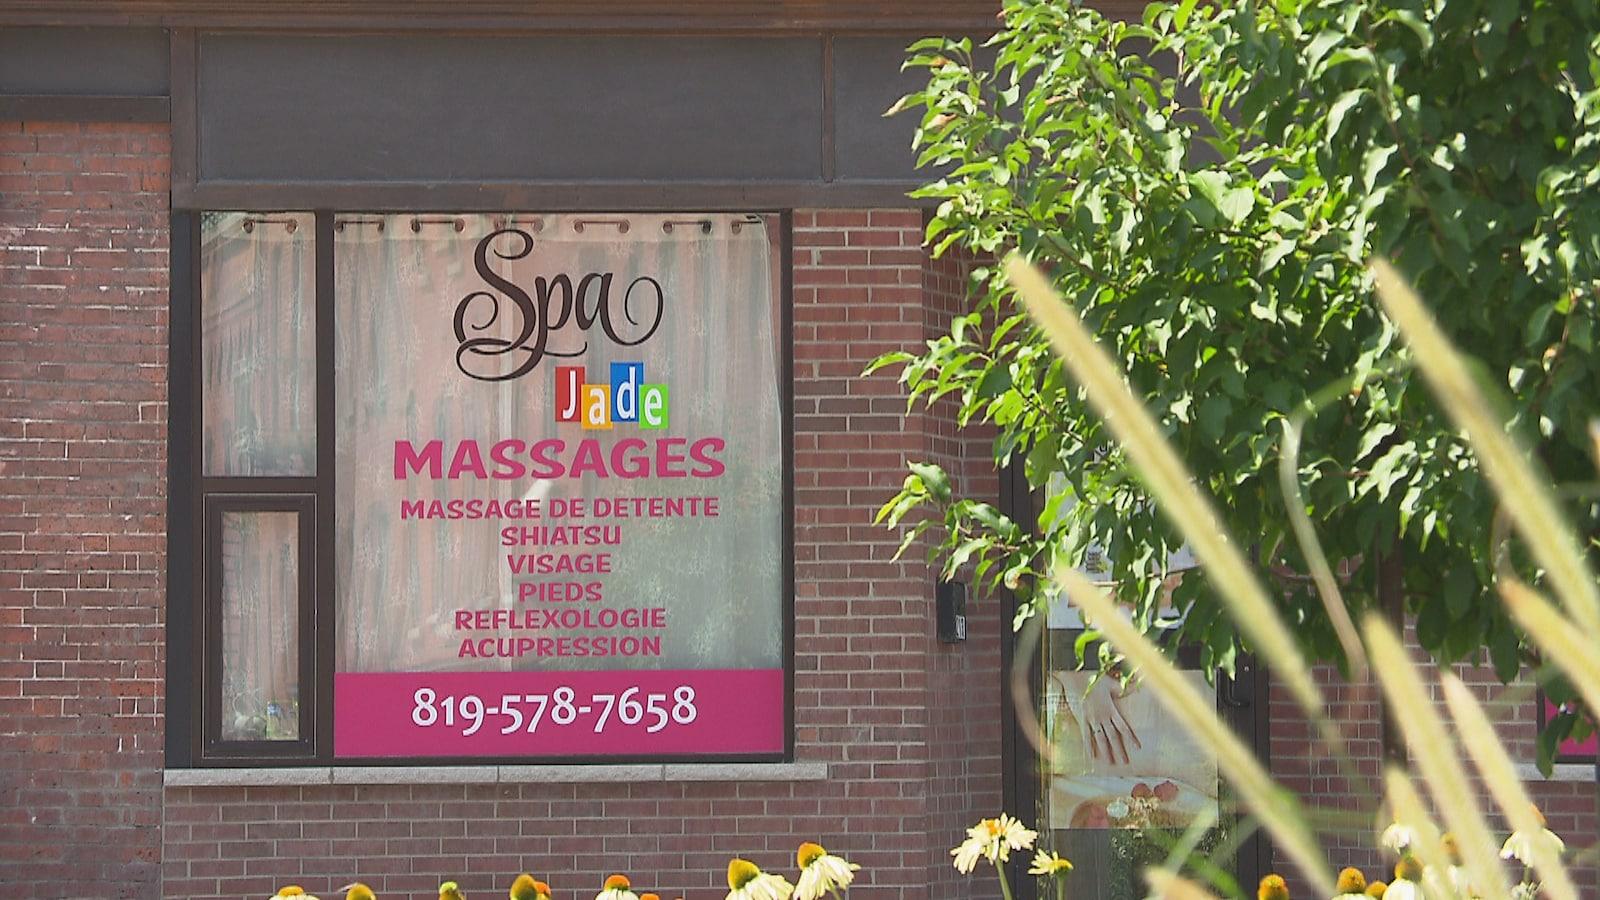 quatre main massage porno gros homme avec grosse queue porno